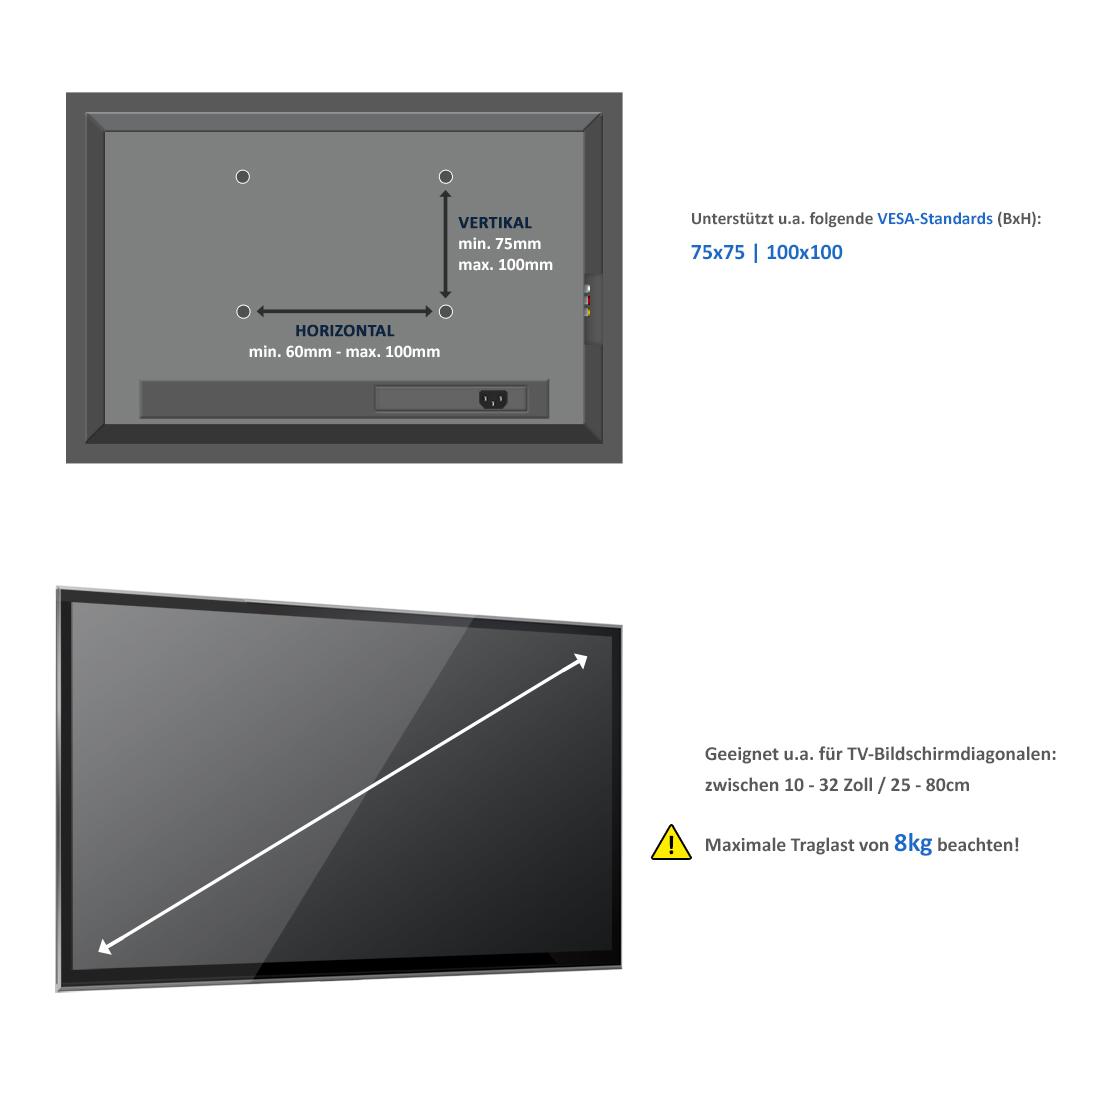 deleycon monitor tischhalterung 10 bis 32 zoll 25cm. Black Bedroom Furniture Sets. Home Design Ideas